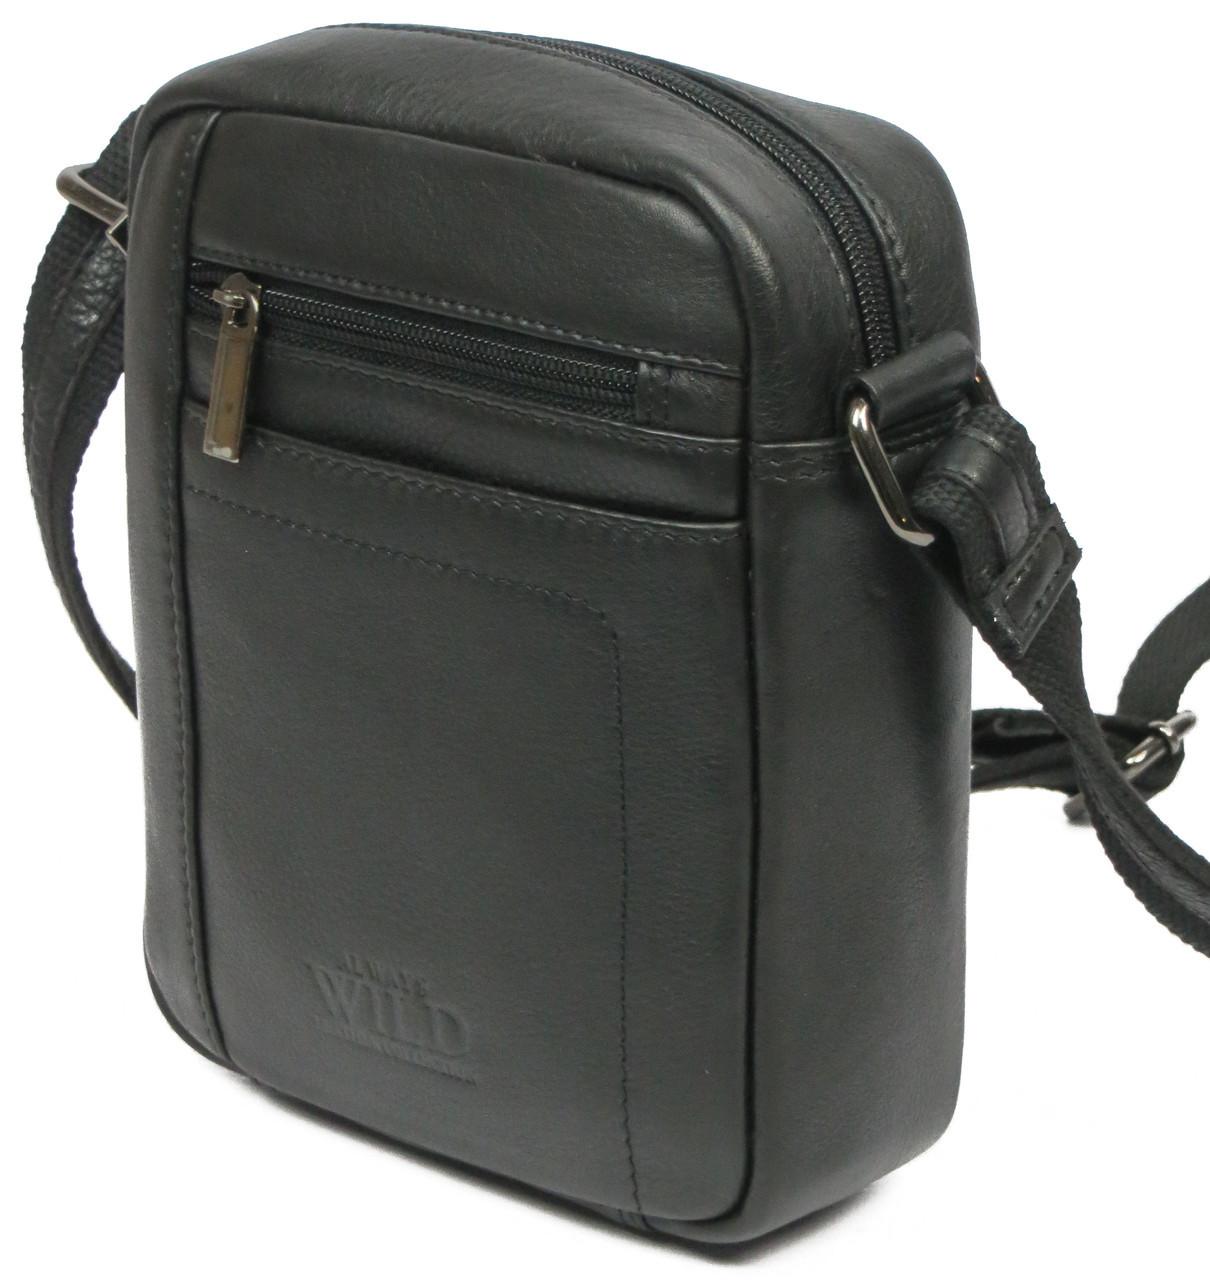 20699fe8e3ac Небольшая мужская кожаная сумка для документов Always Wild 8020 NDM черная  - Интернет - магазин